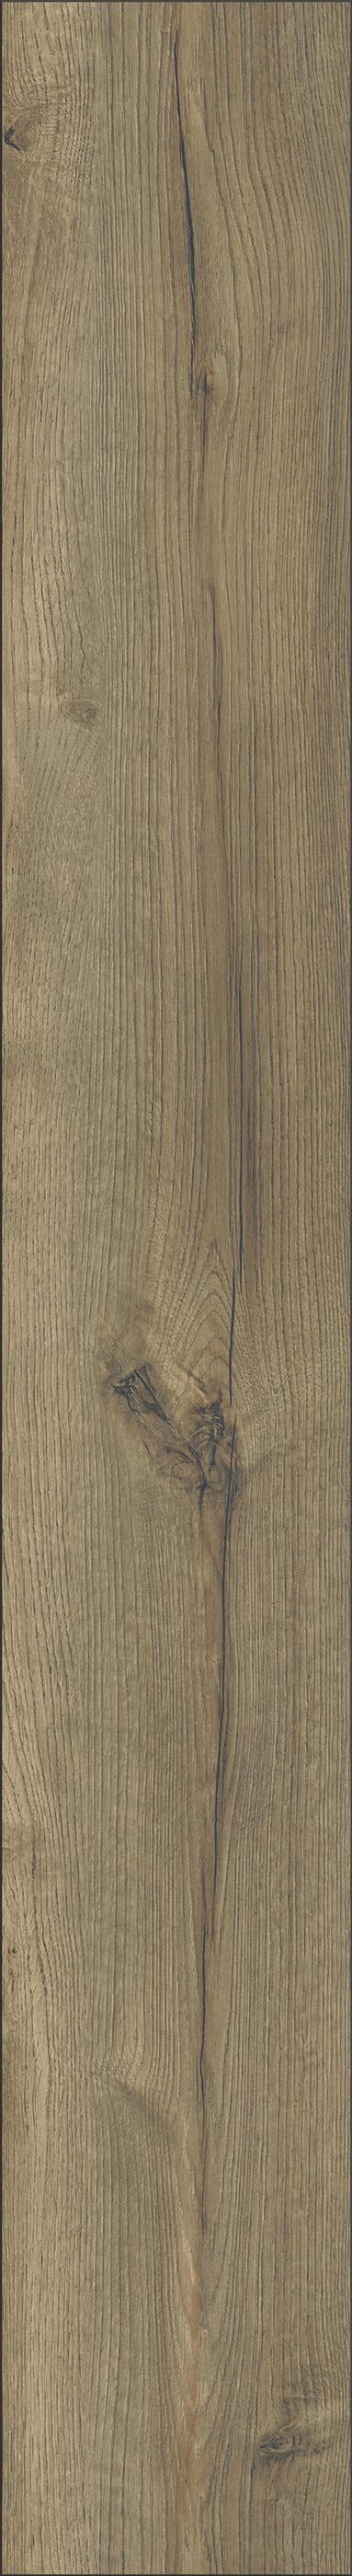 kronotex aqua robusto laminat catania oak p 1211 von. Black Bedroom Furniture Sets. Home Design Ideas